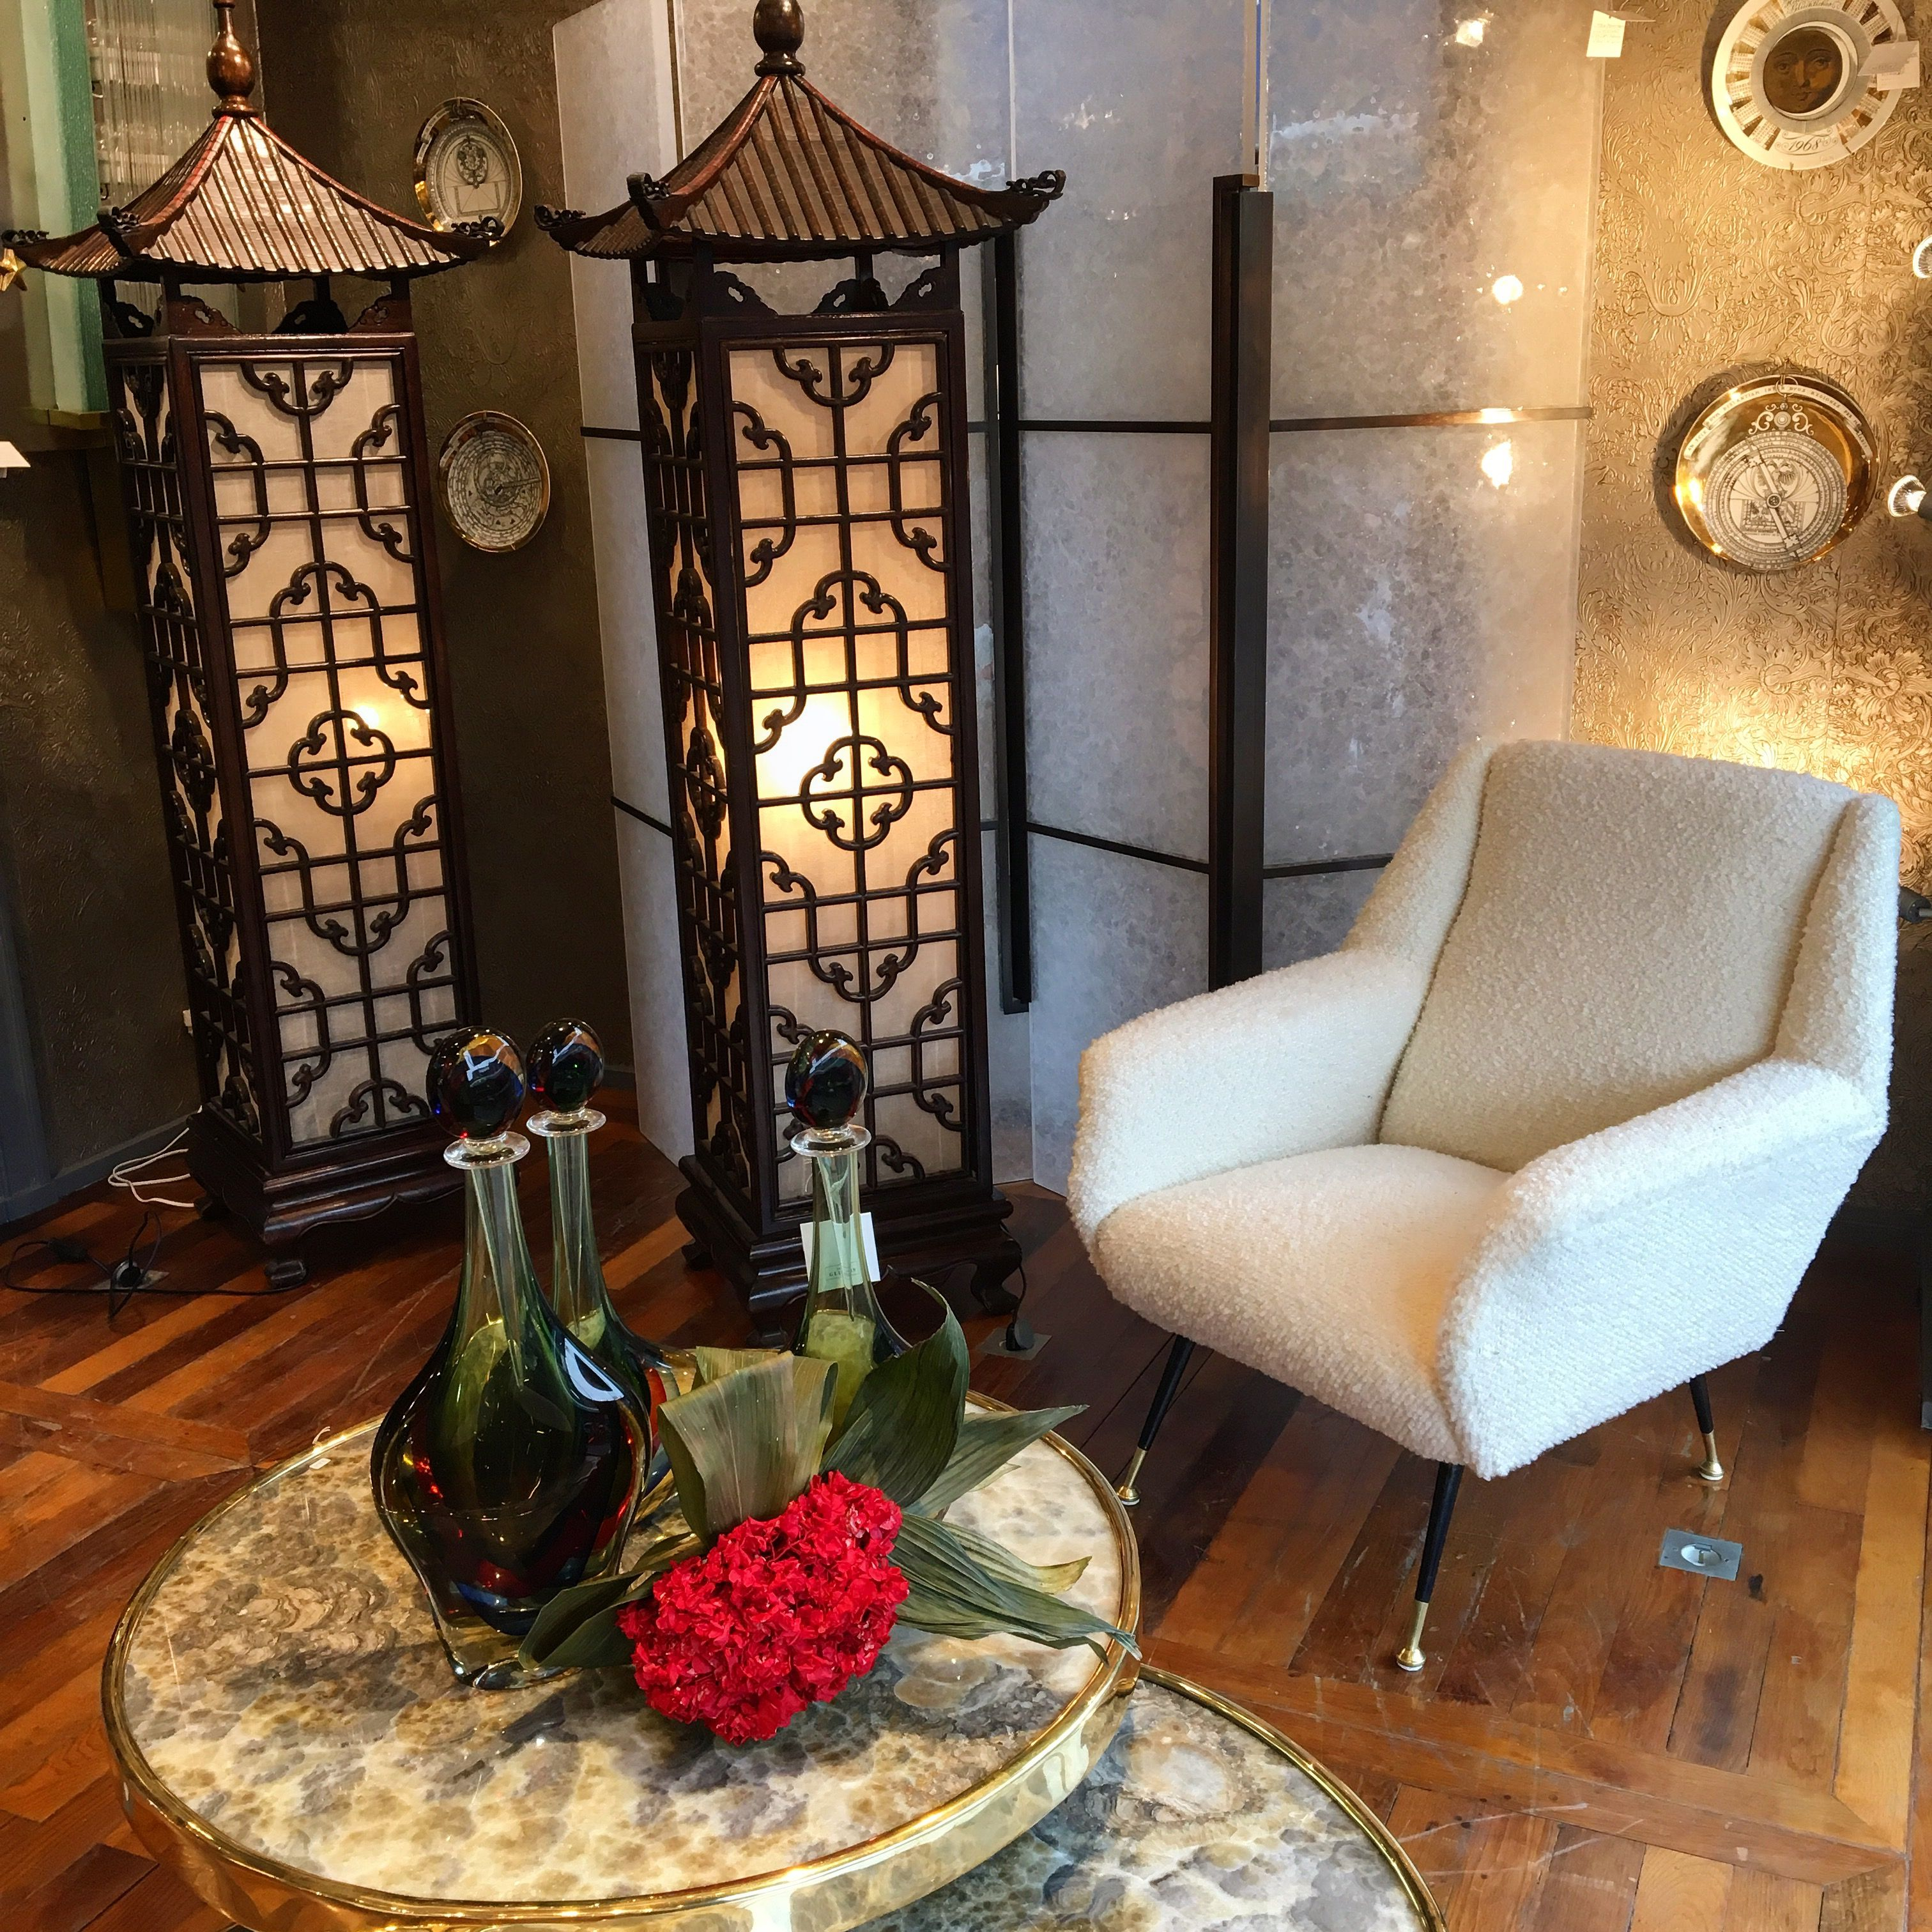 galerie glustin galerie glustin pinterest galerie. Black Bedroom Furniture Sets. Home Design Ideas